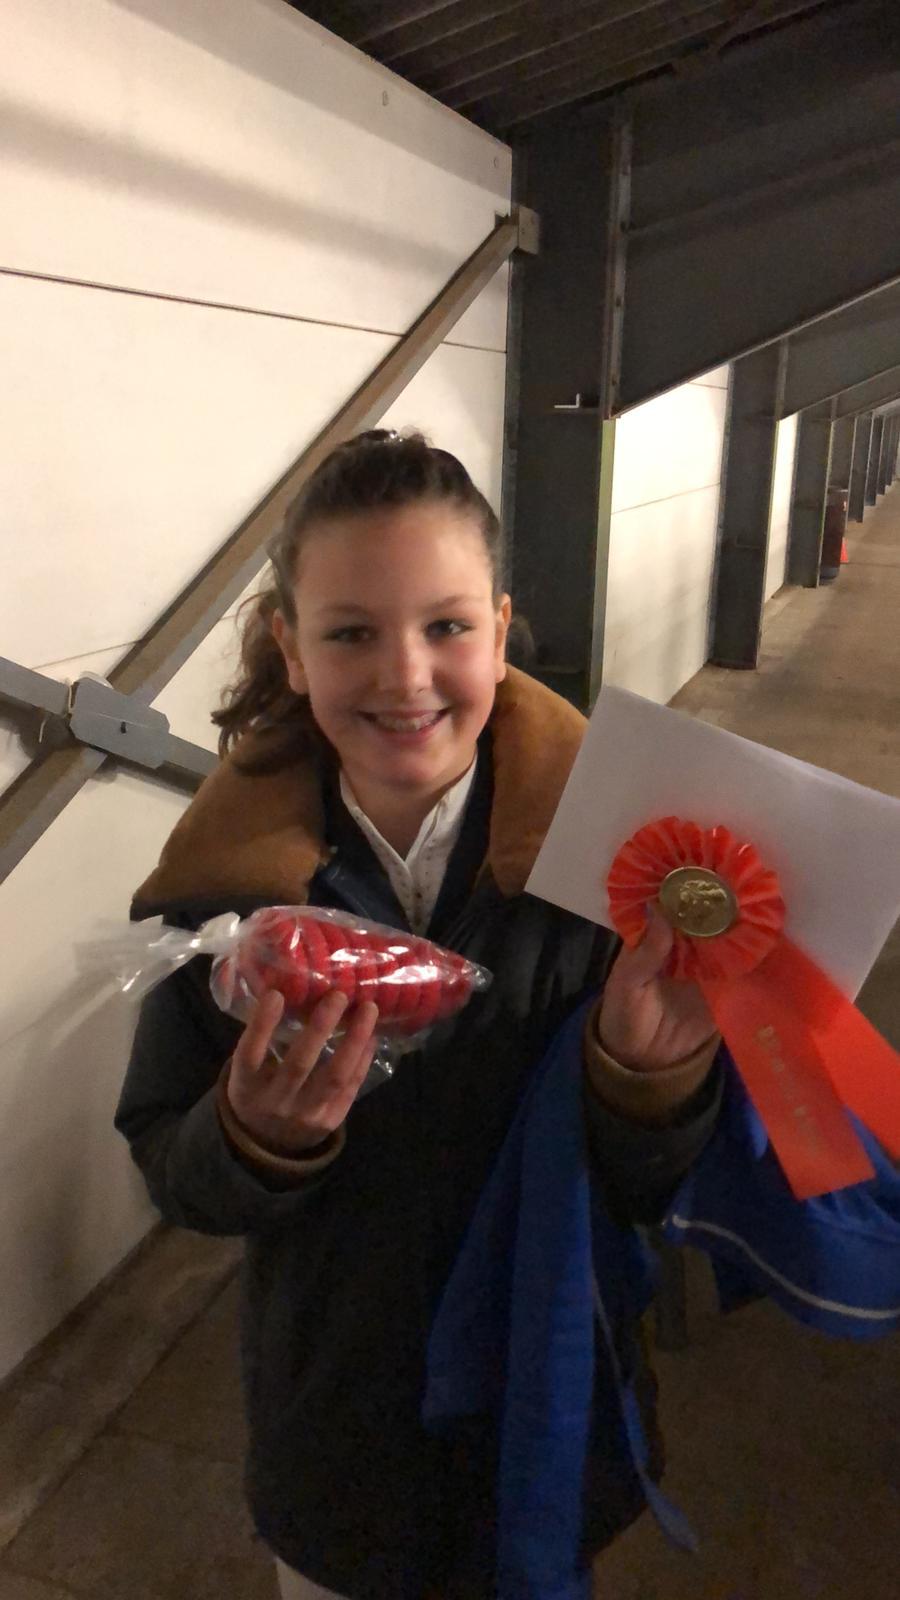 Merinthe Knaap wint in Apeldoorn!